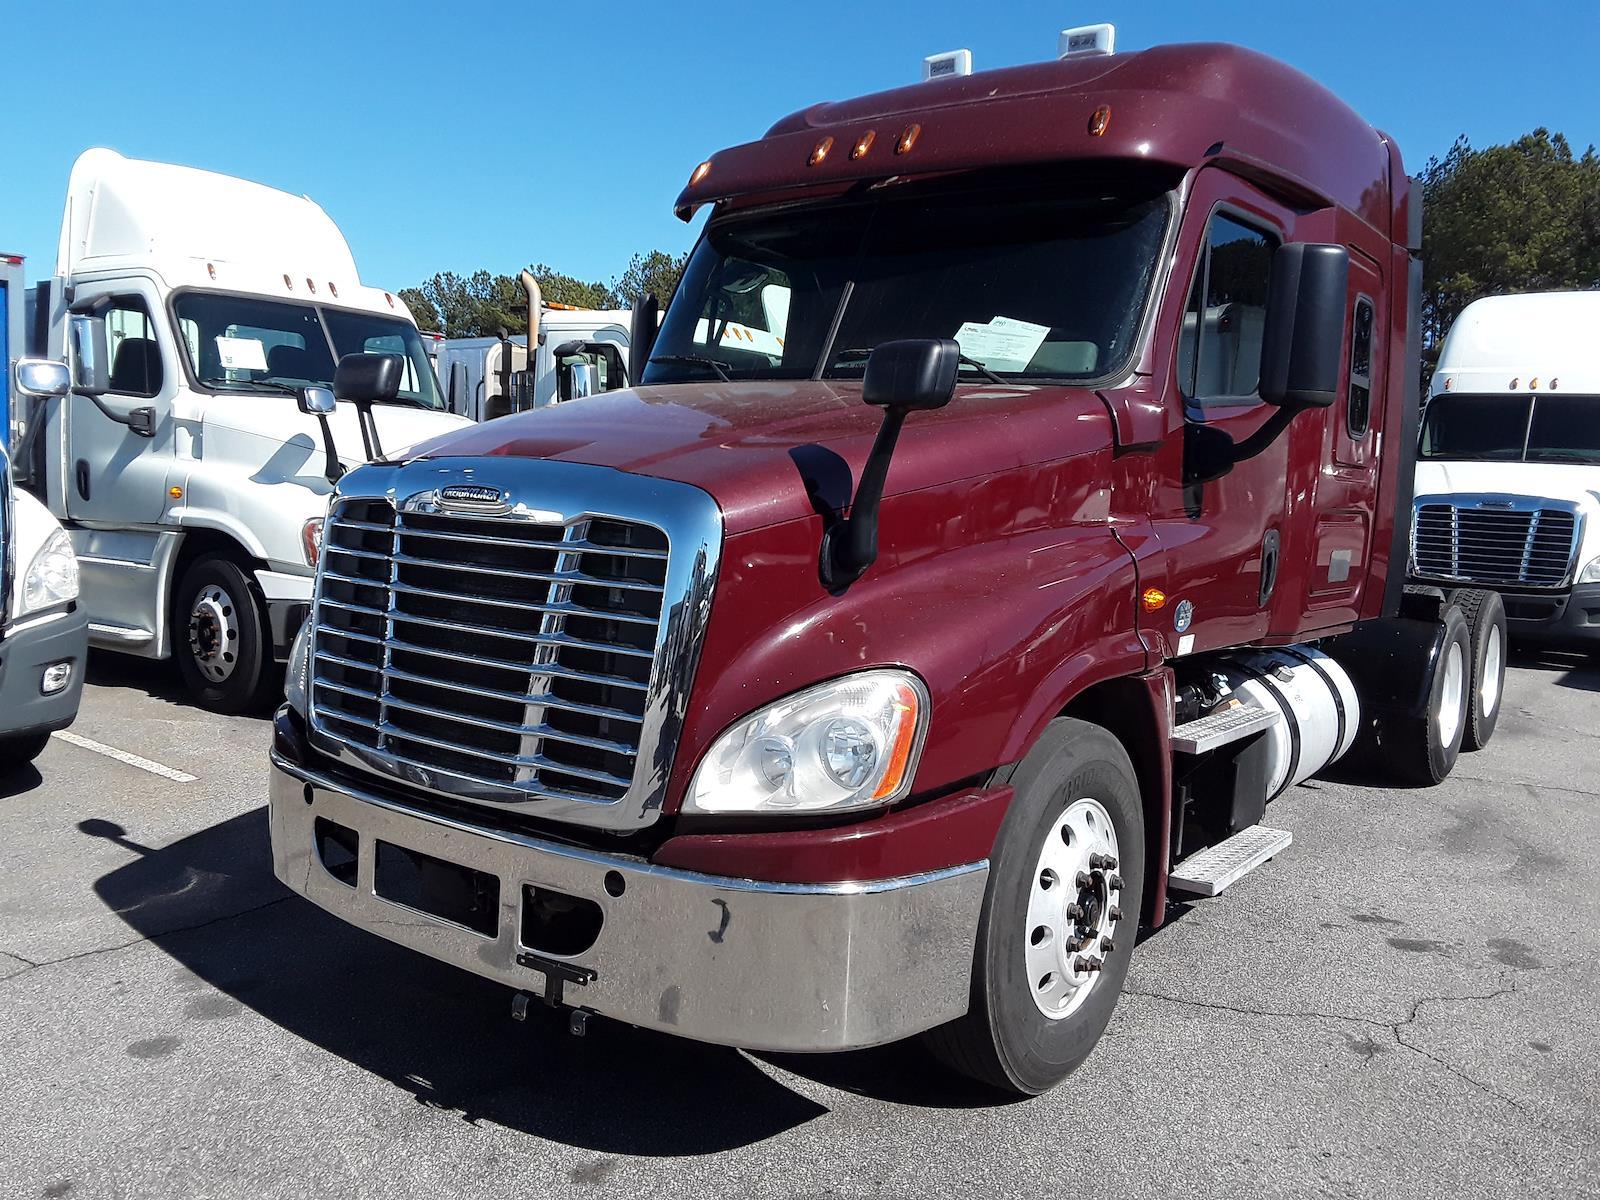 2015 Freightliner Truck 6x4, Tractor #325190 - photo 1